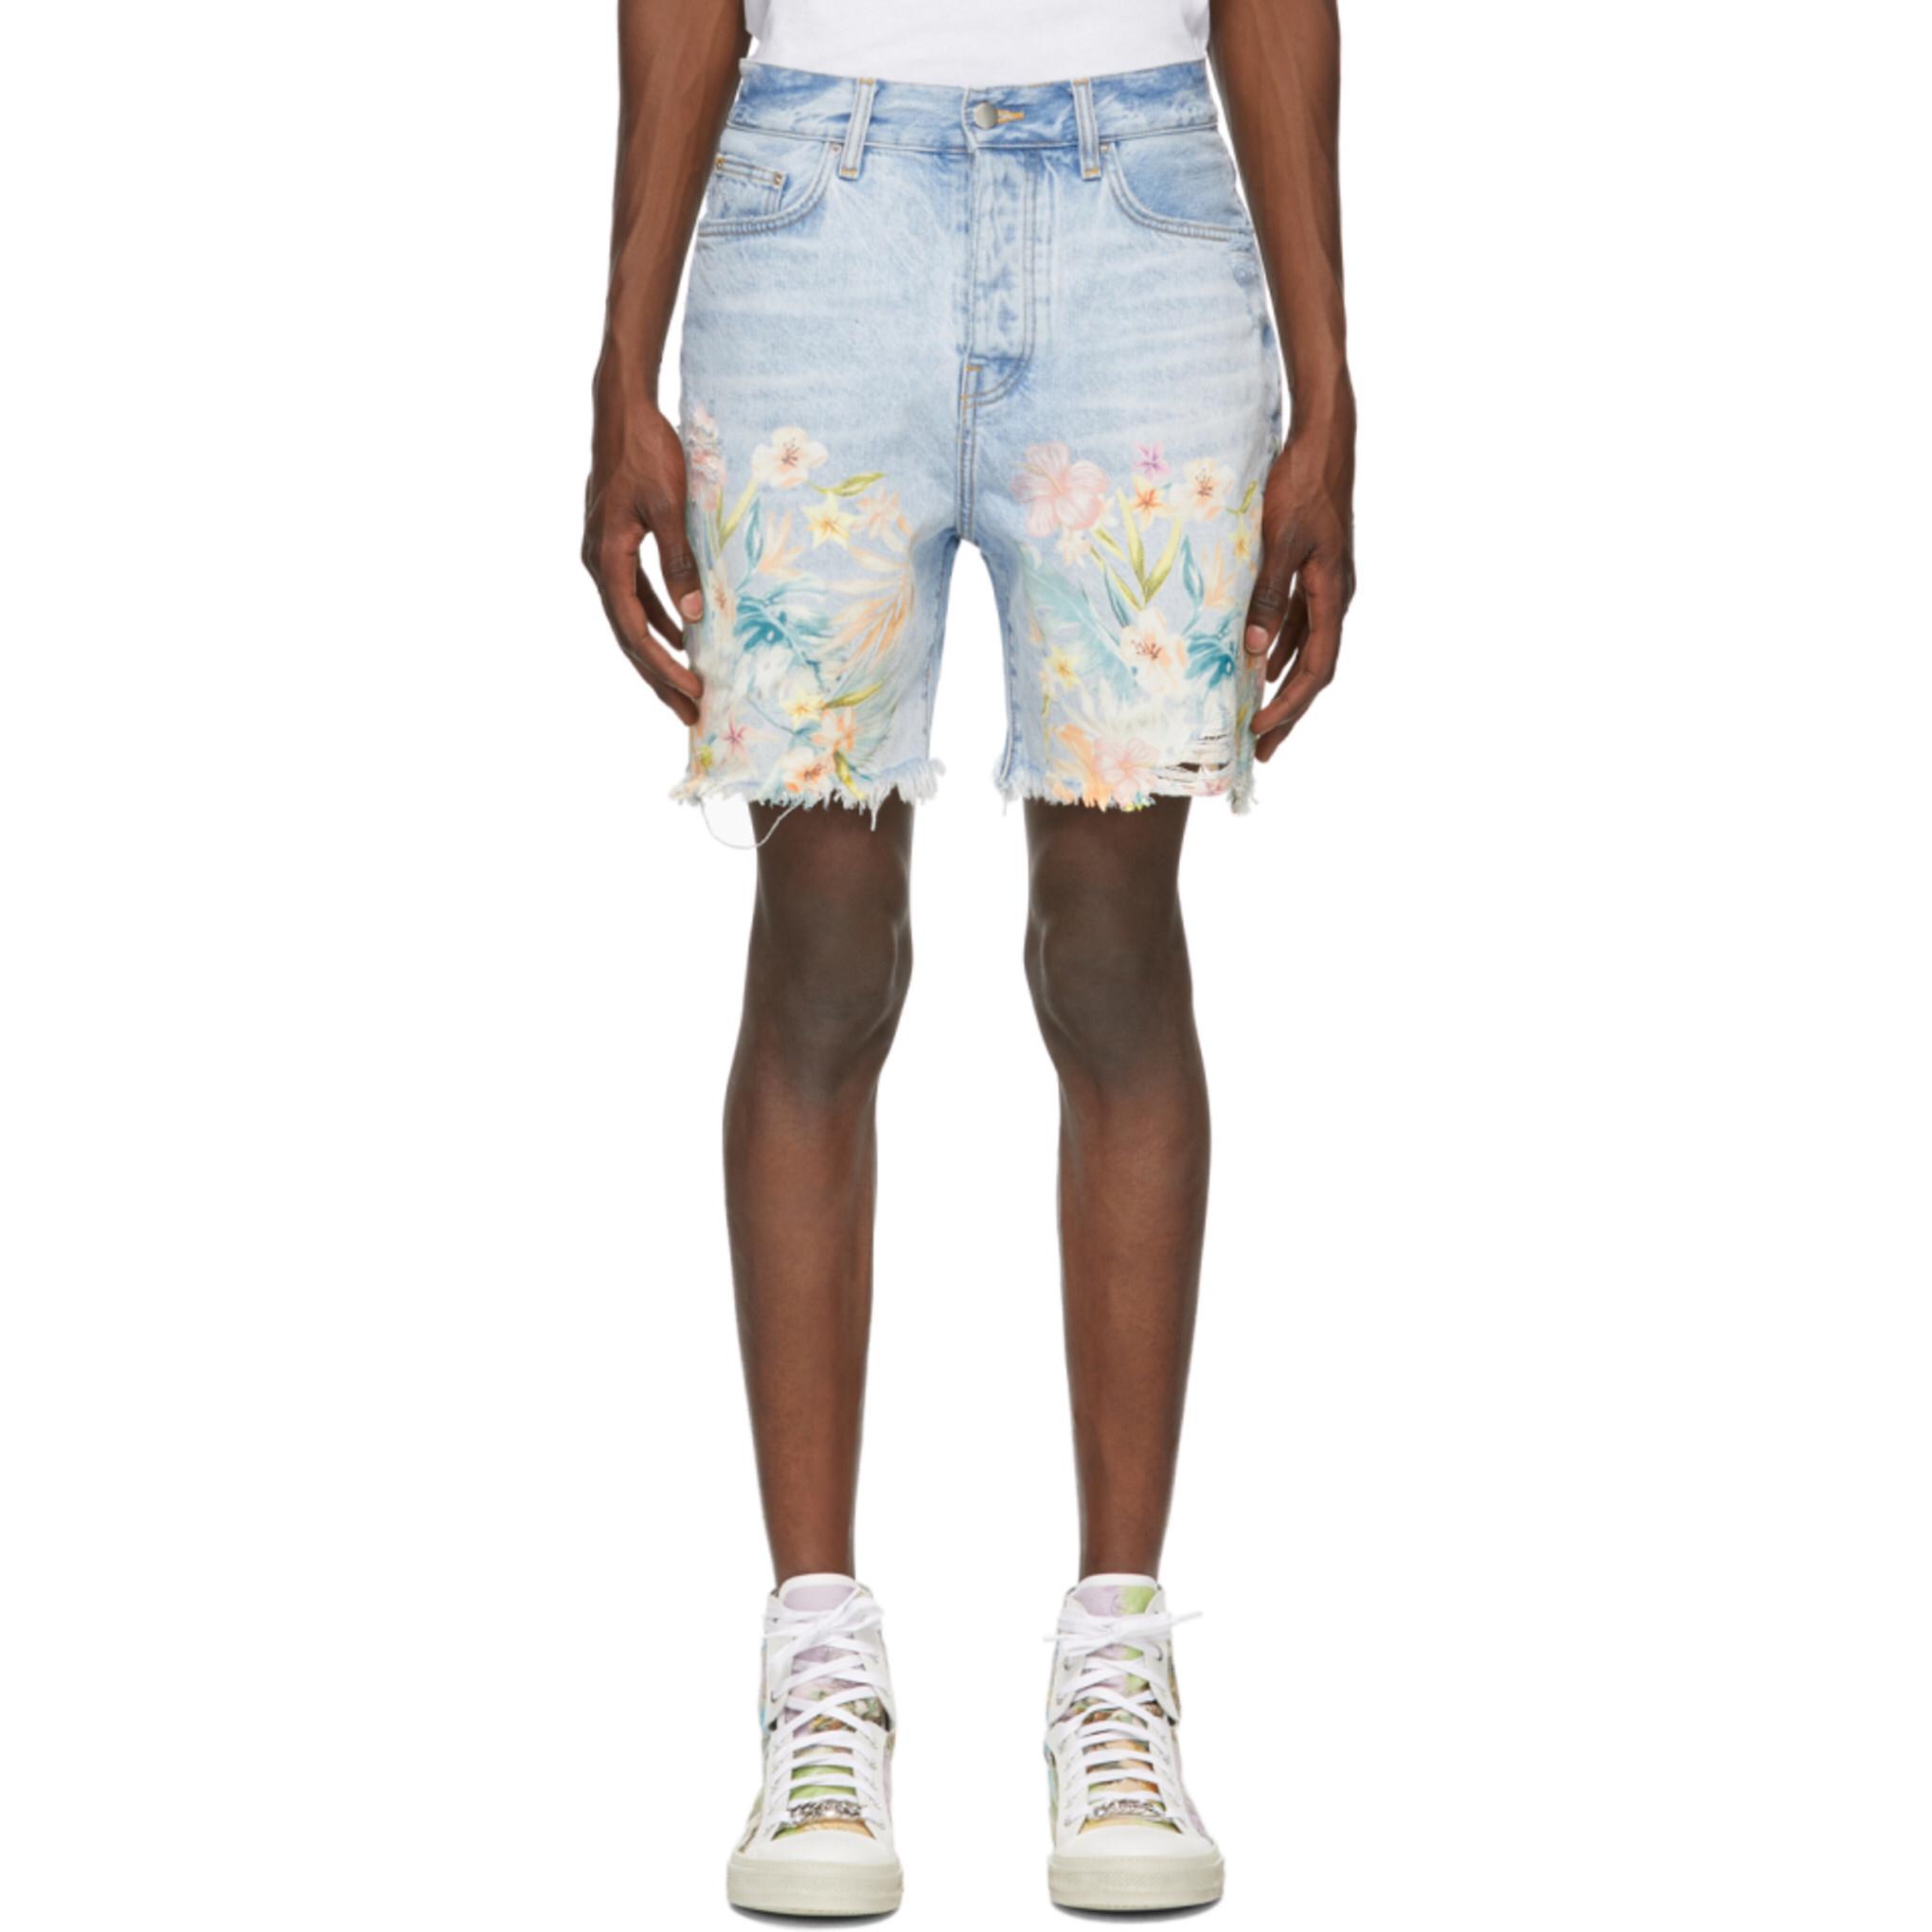 GI海外代购 Amiri 20SS 新款 浅蓝色 刺绣花朵图案 牛仔短裤